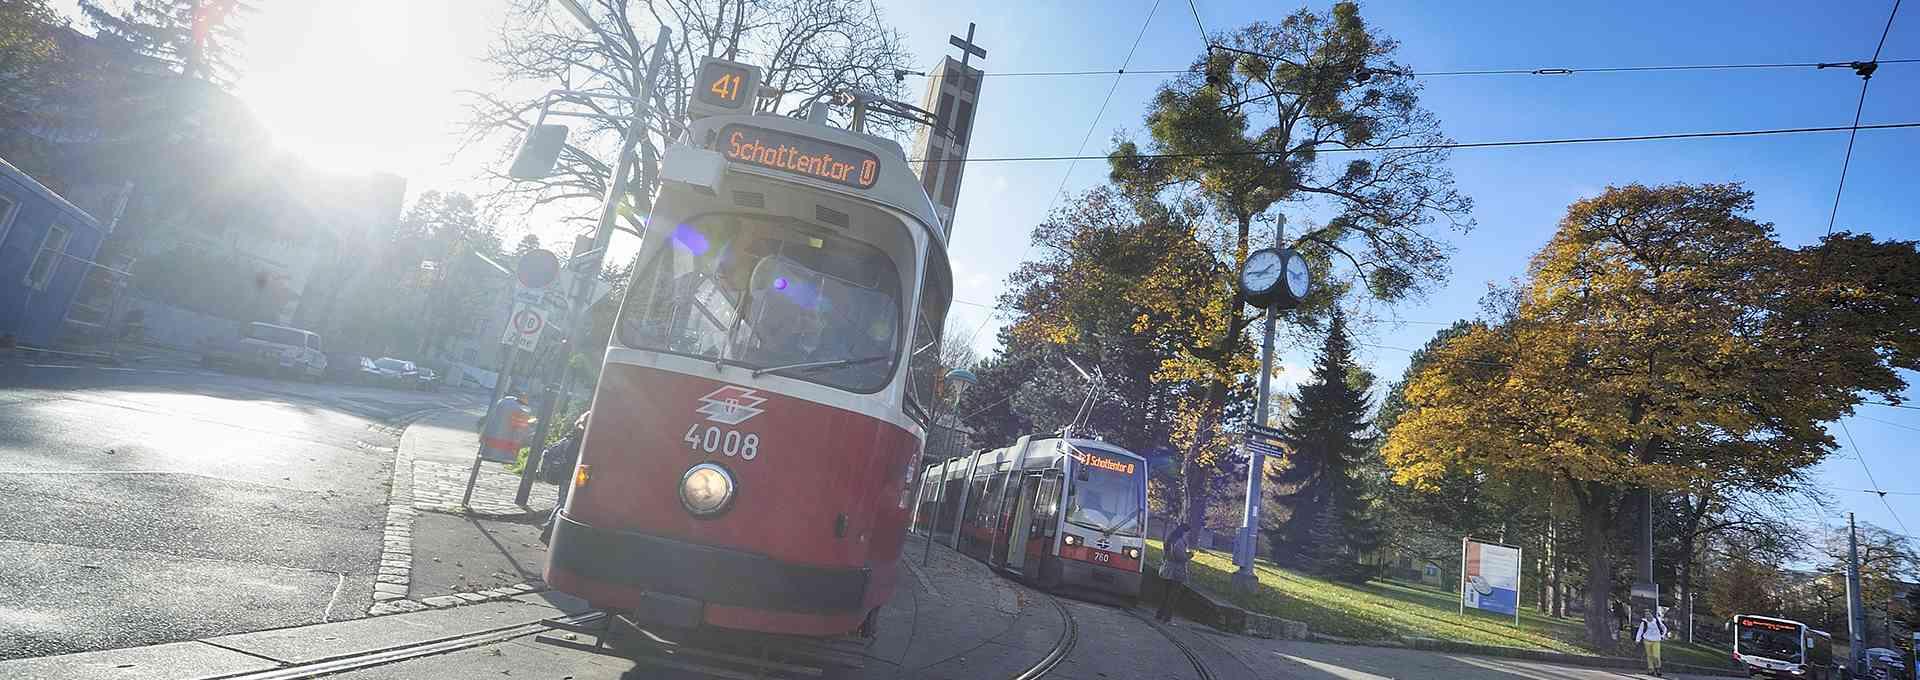 41er Richtung Schottentor, Wiener Linien